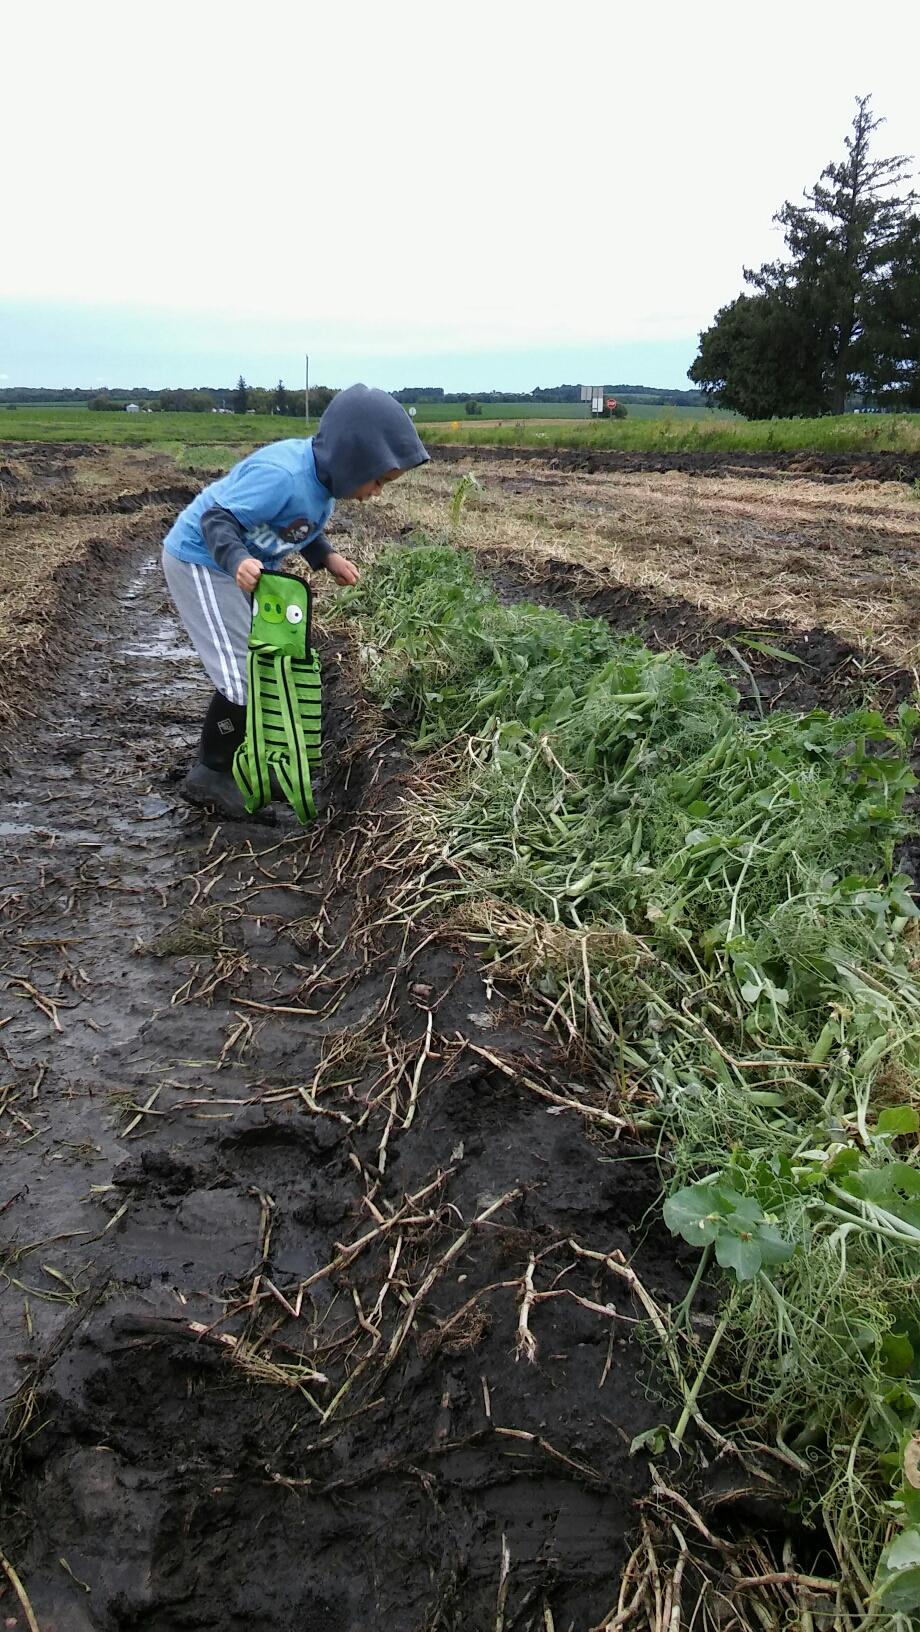 boy gleaning peas in a field